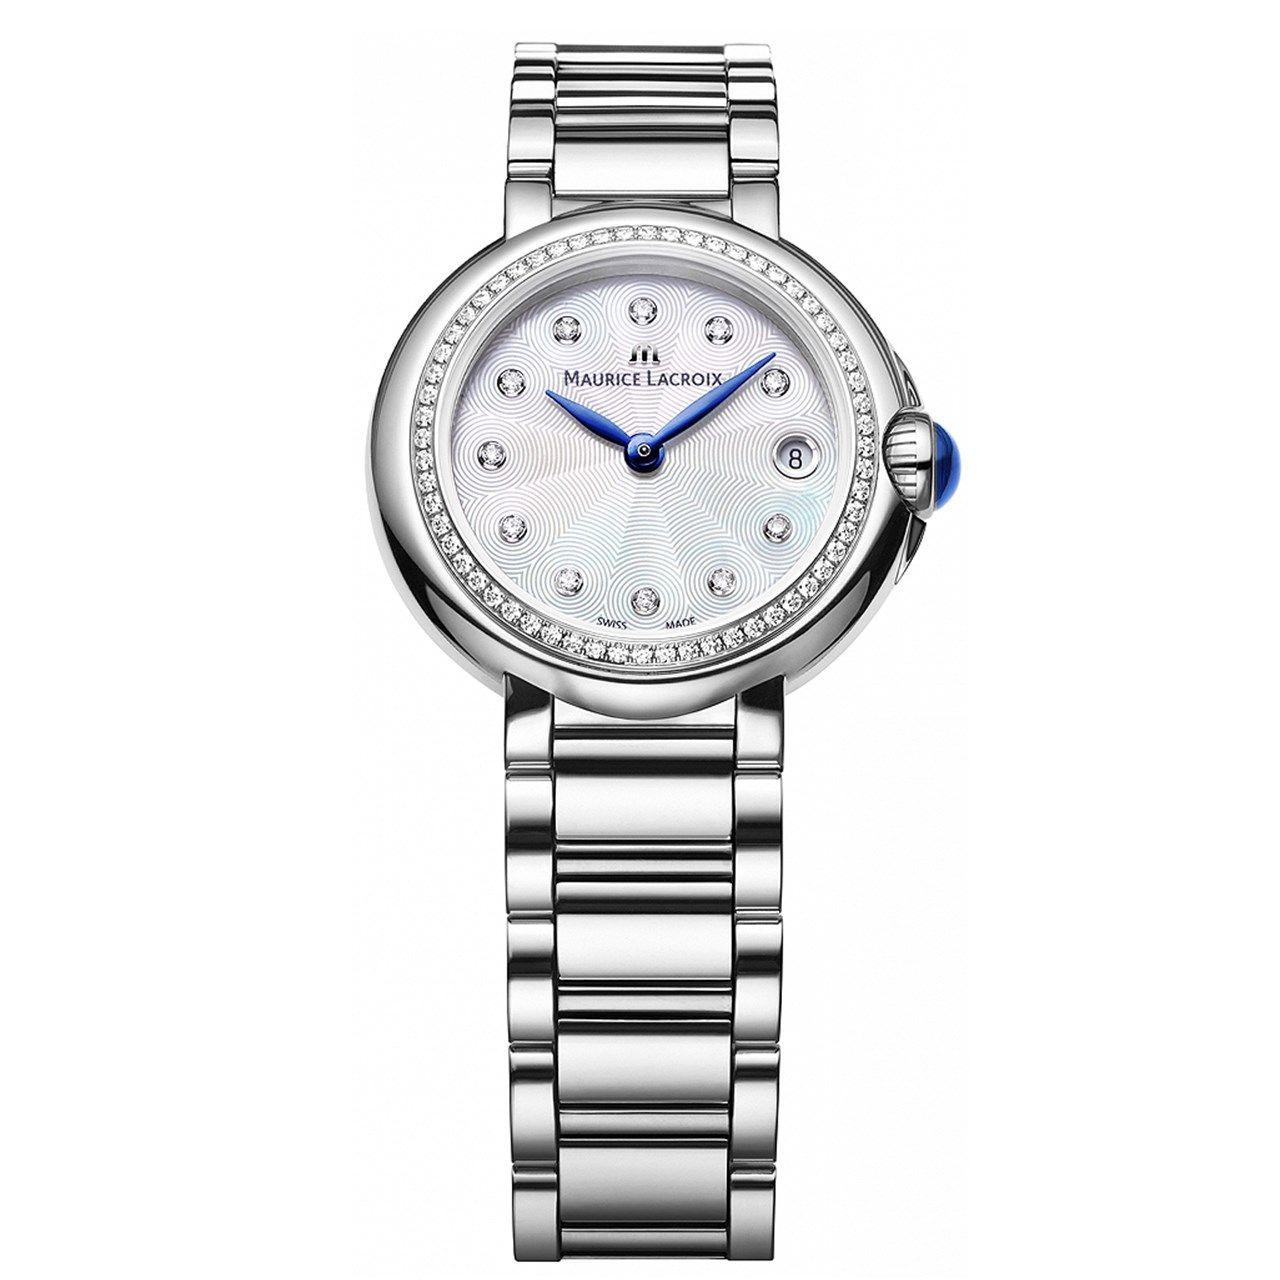 ساعت مچی عقربه ای زنانه موریس لاکروا مدل FA1003-SD502-170-1 -  - 1